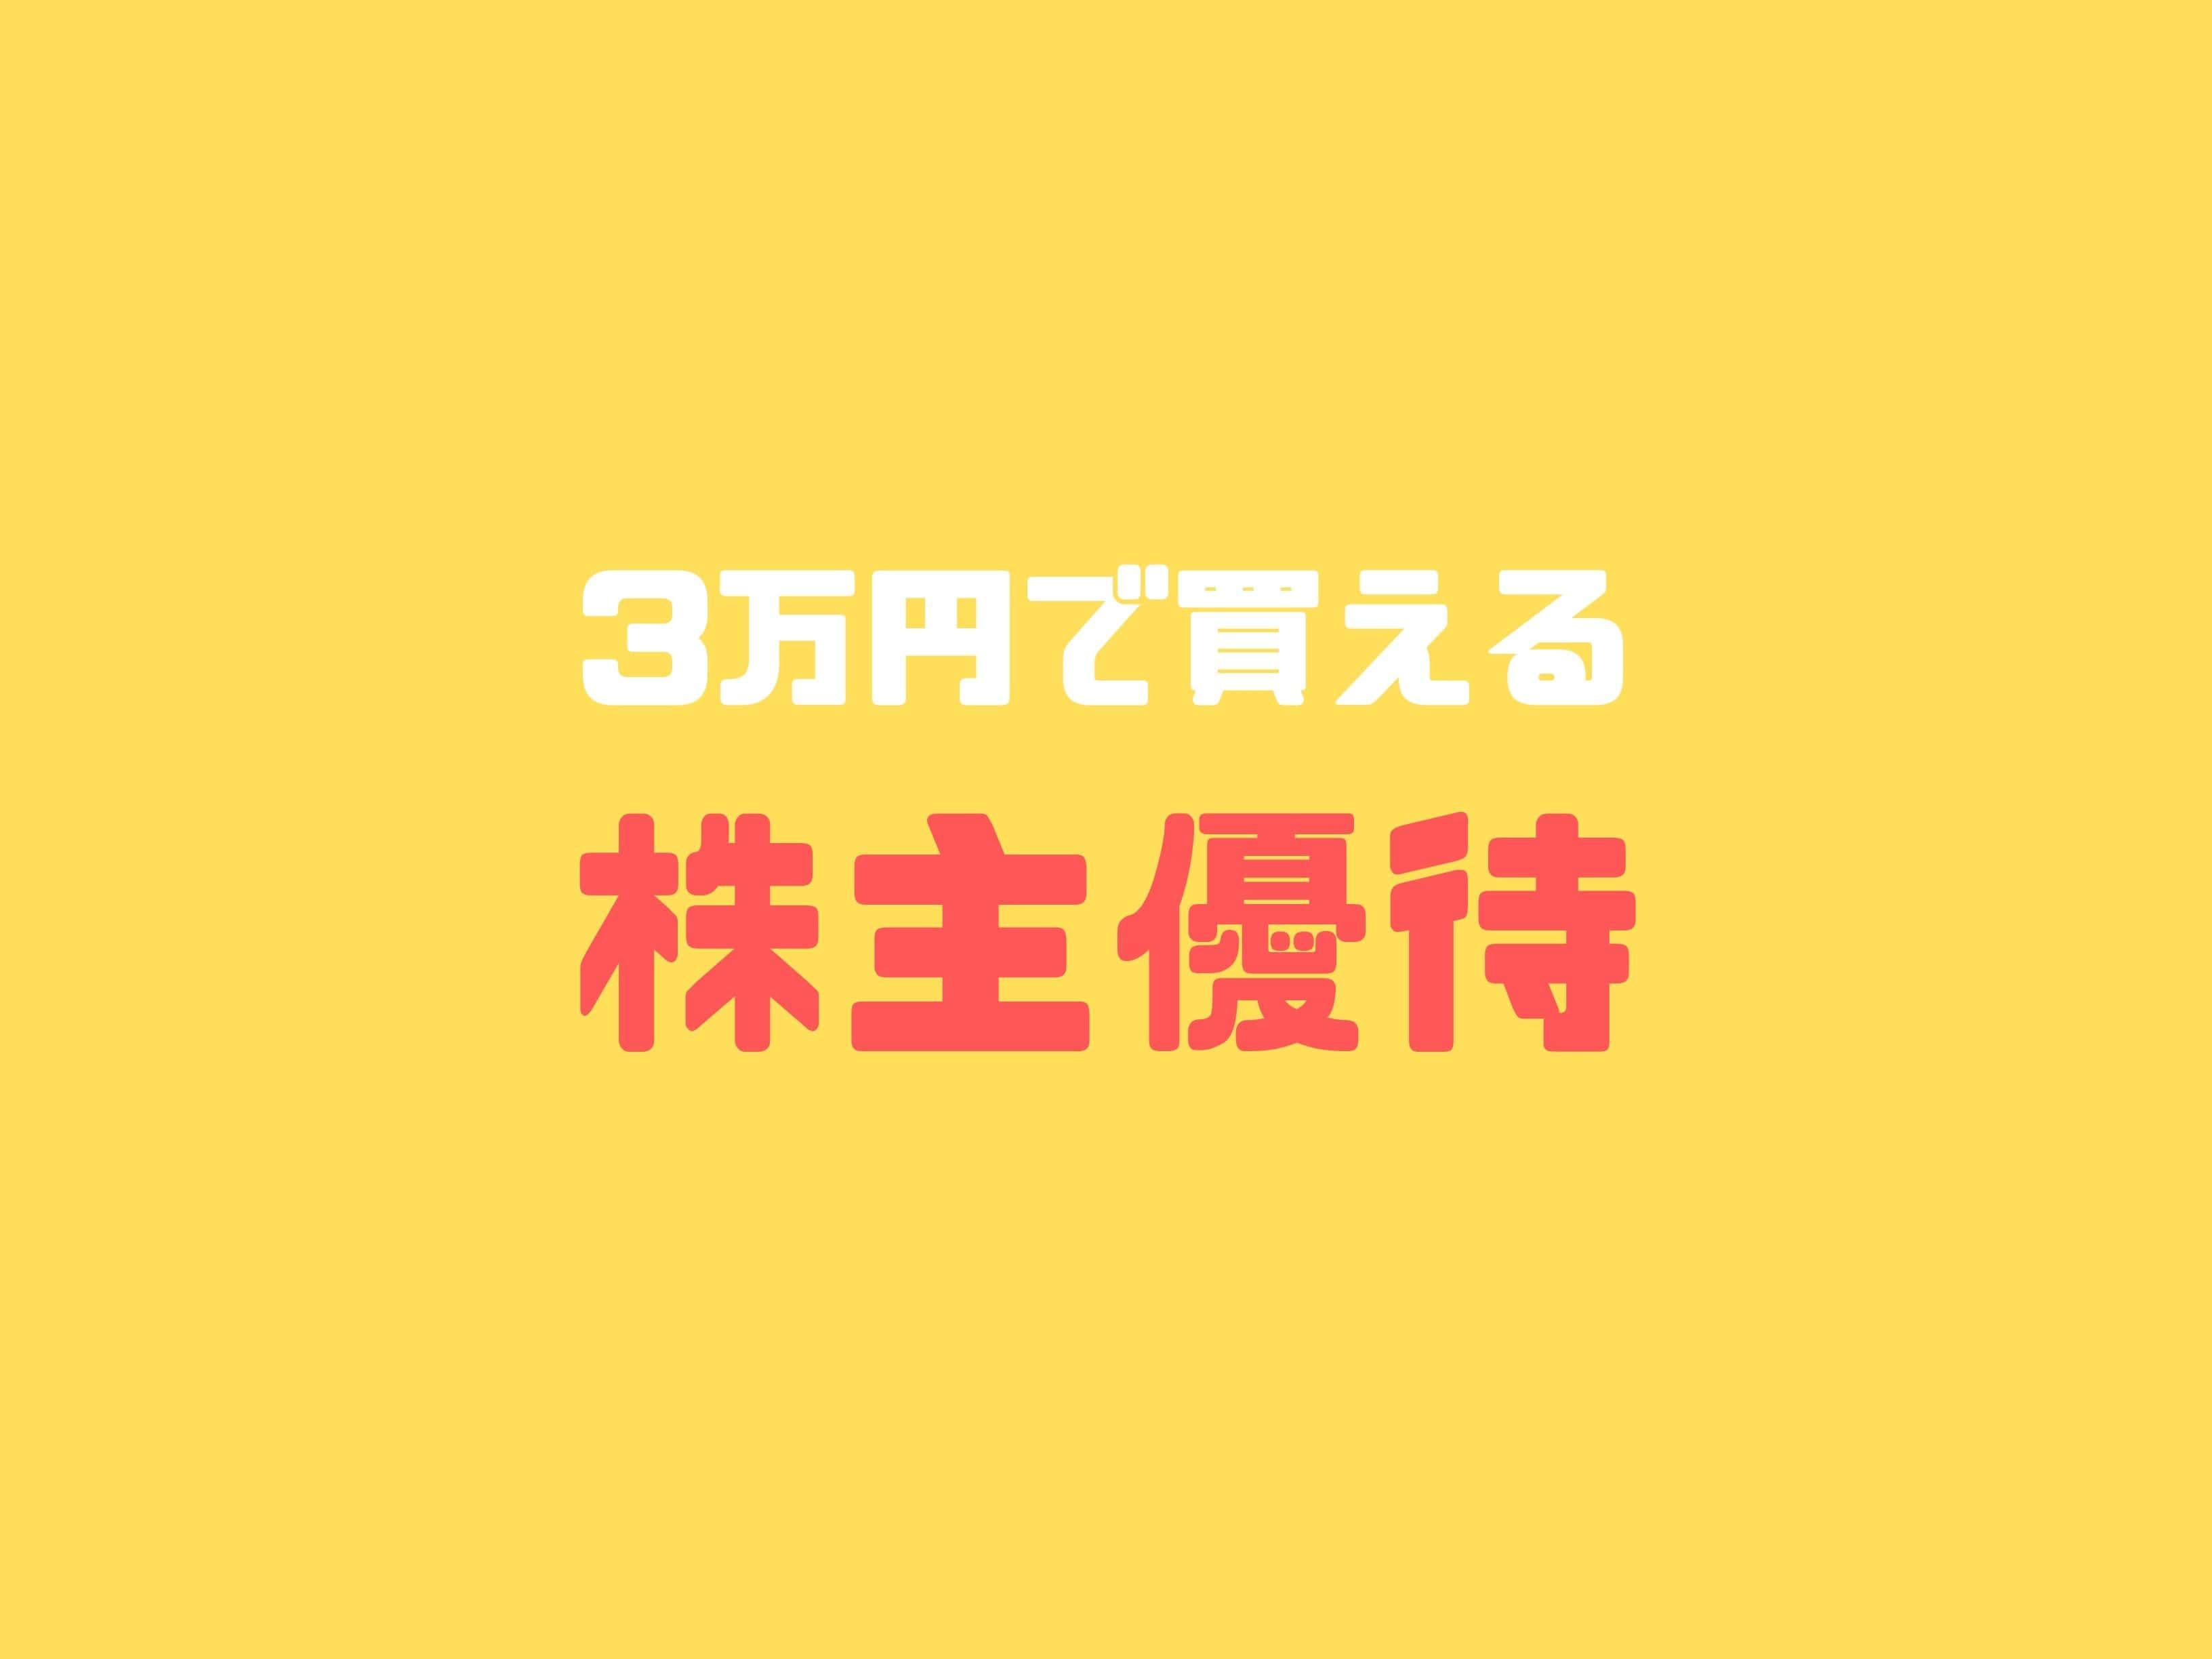 3万円で購入可能な株主優待